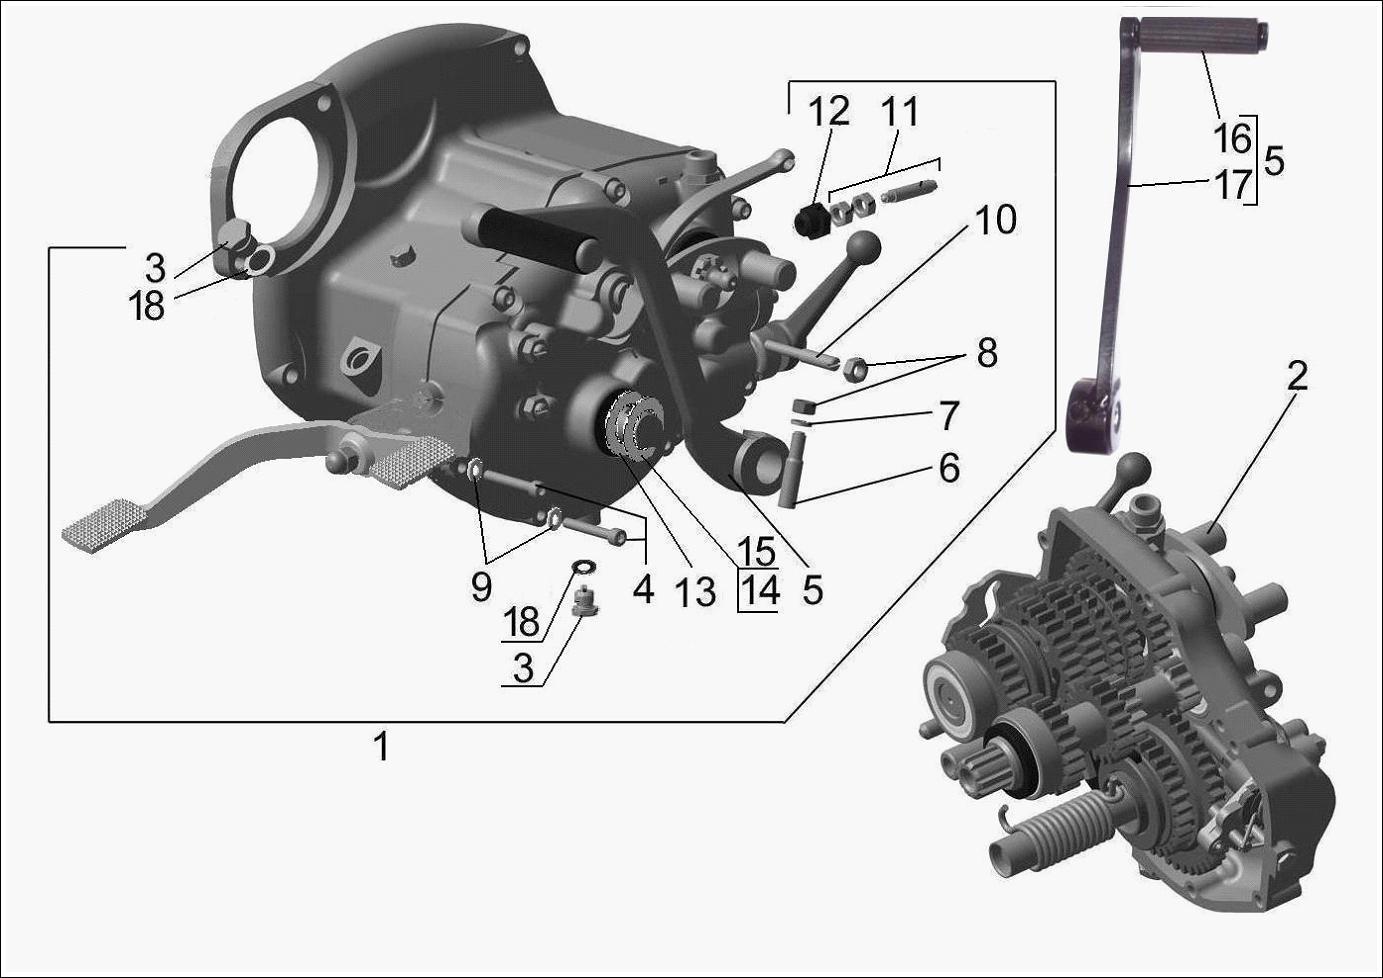 Ural Engine Diagram Wiring Will Be A Thing Diagrams Schematics U2022 Rh Schoosretailstores Com Biggest In The World